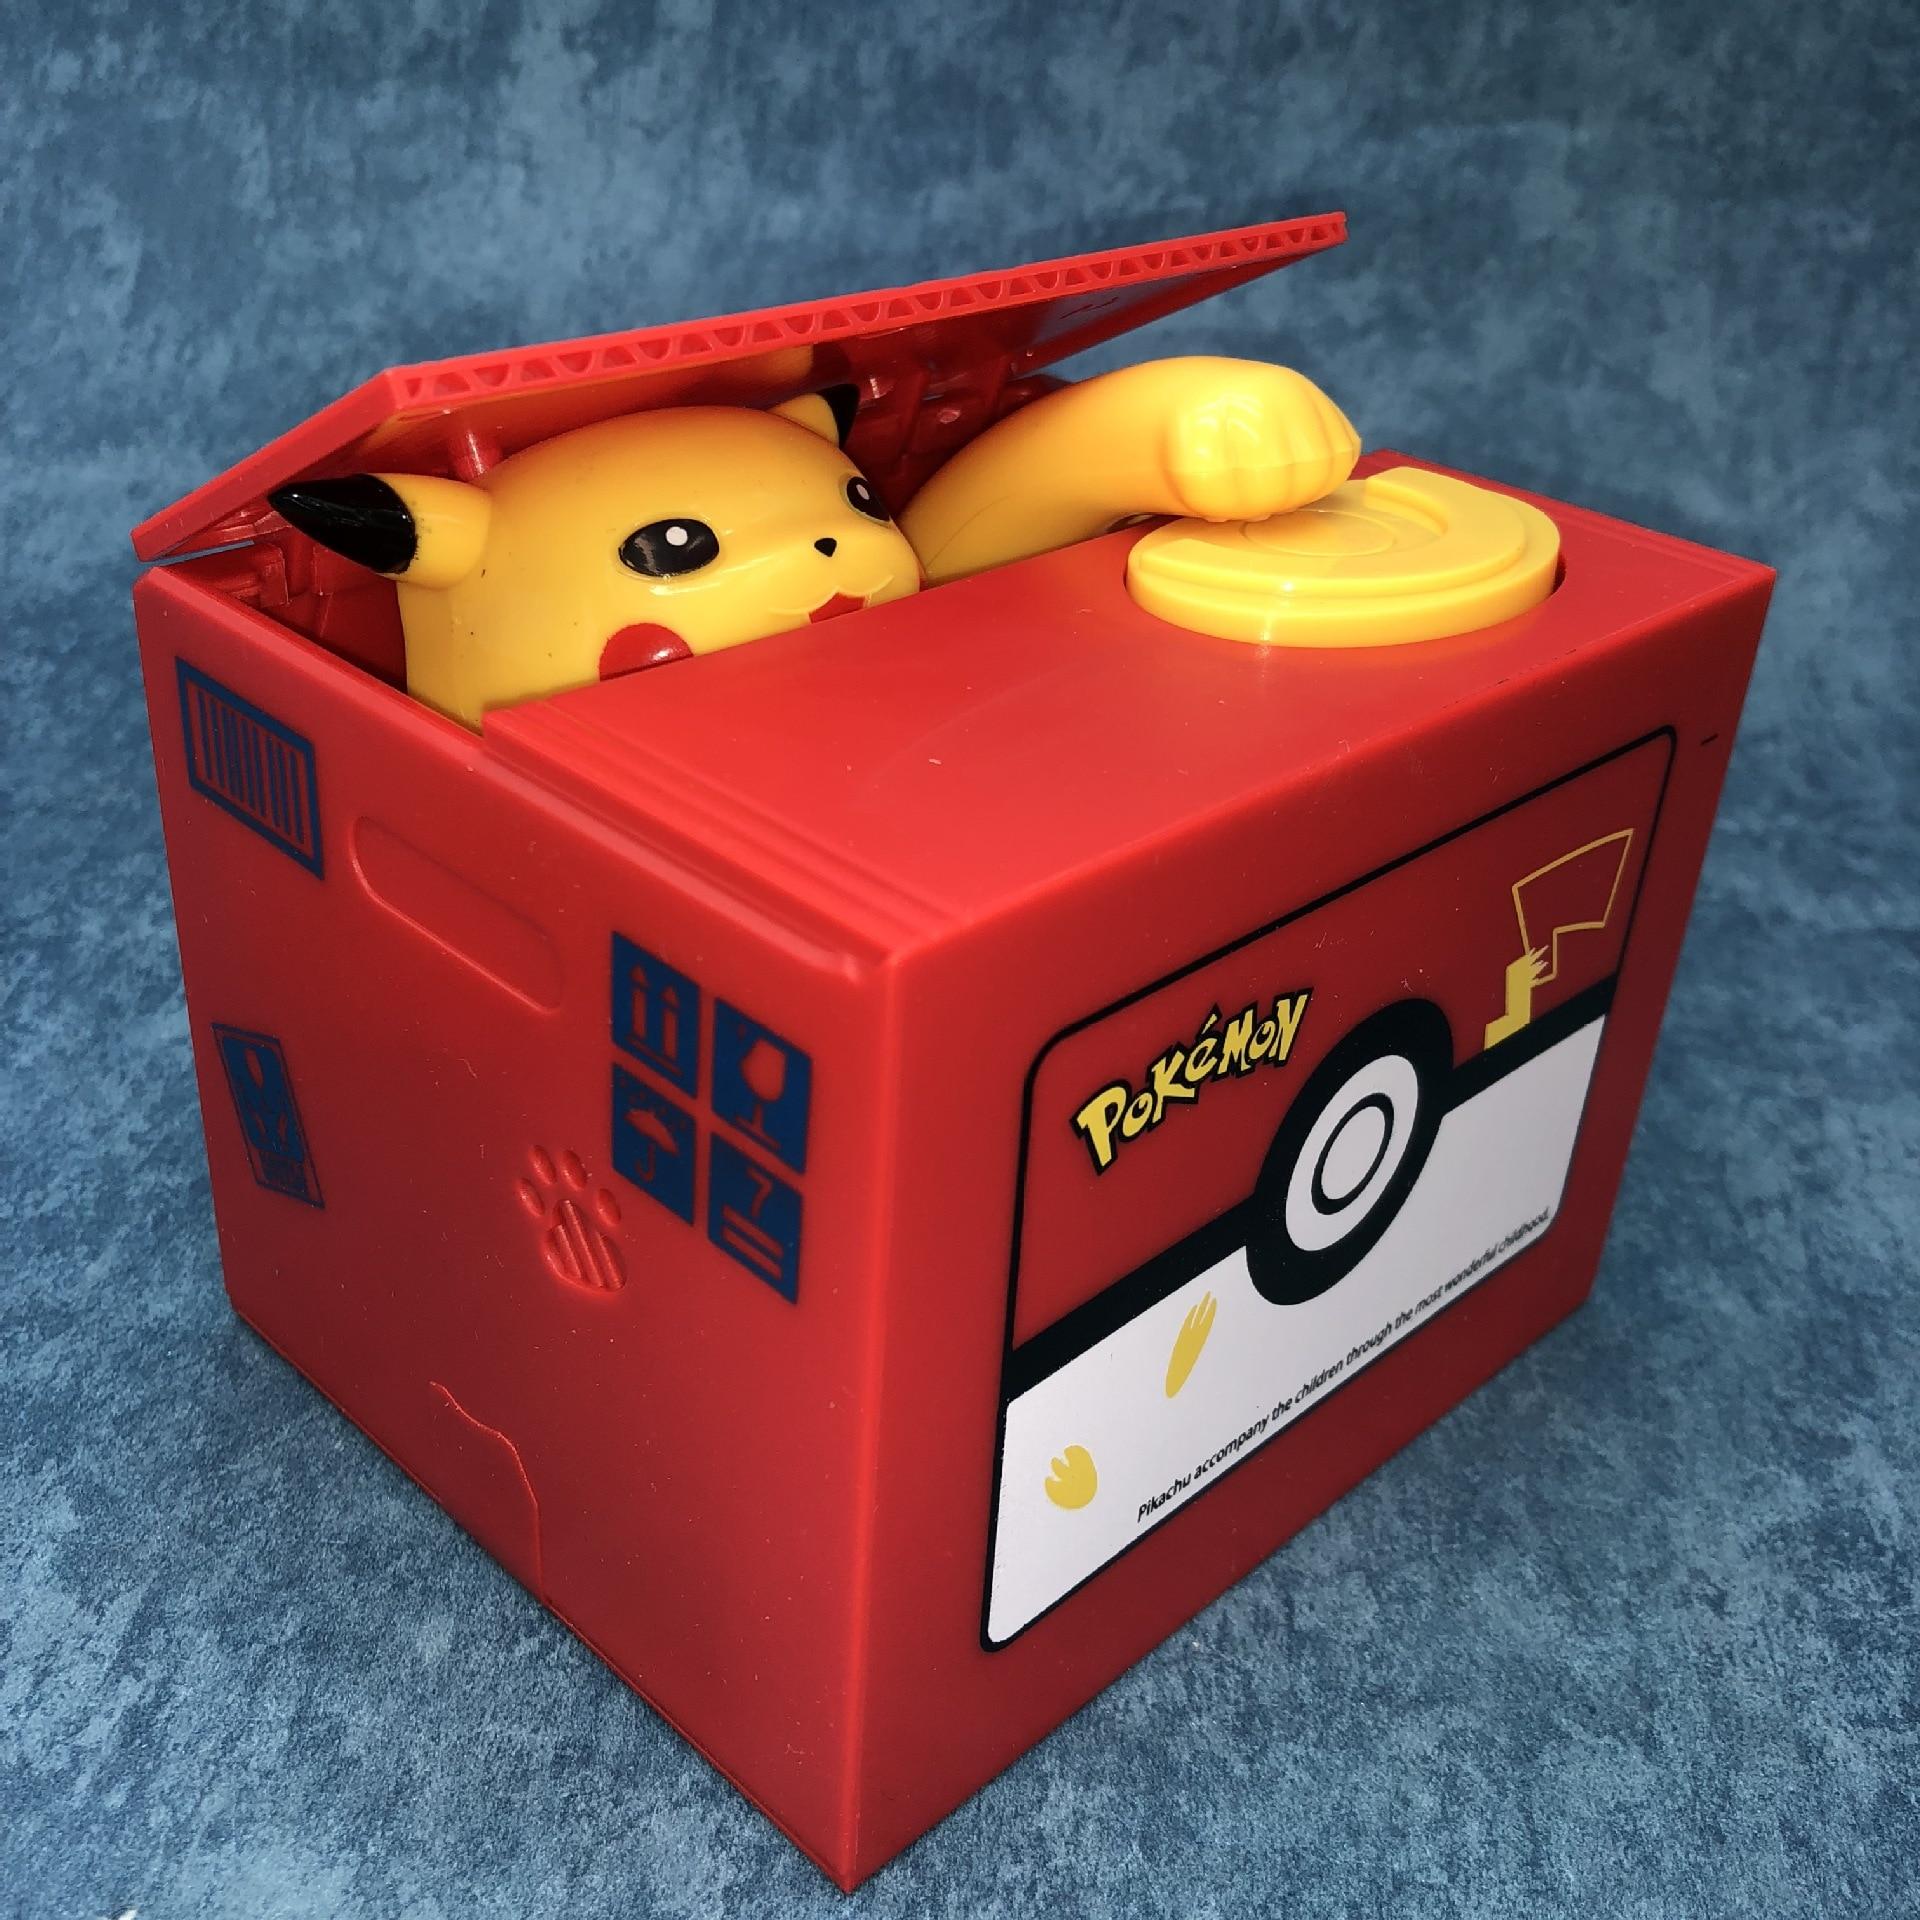 Высокое качество Электронная коробка для денег с изображением покемона Пикачу, свинья-копилка для украсть Монета автоматически для детей н...